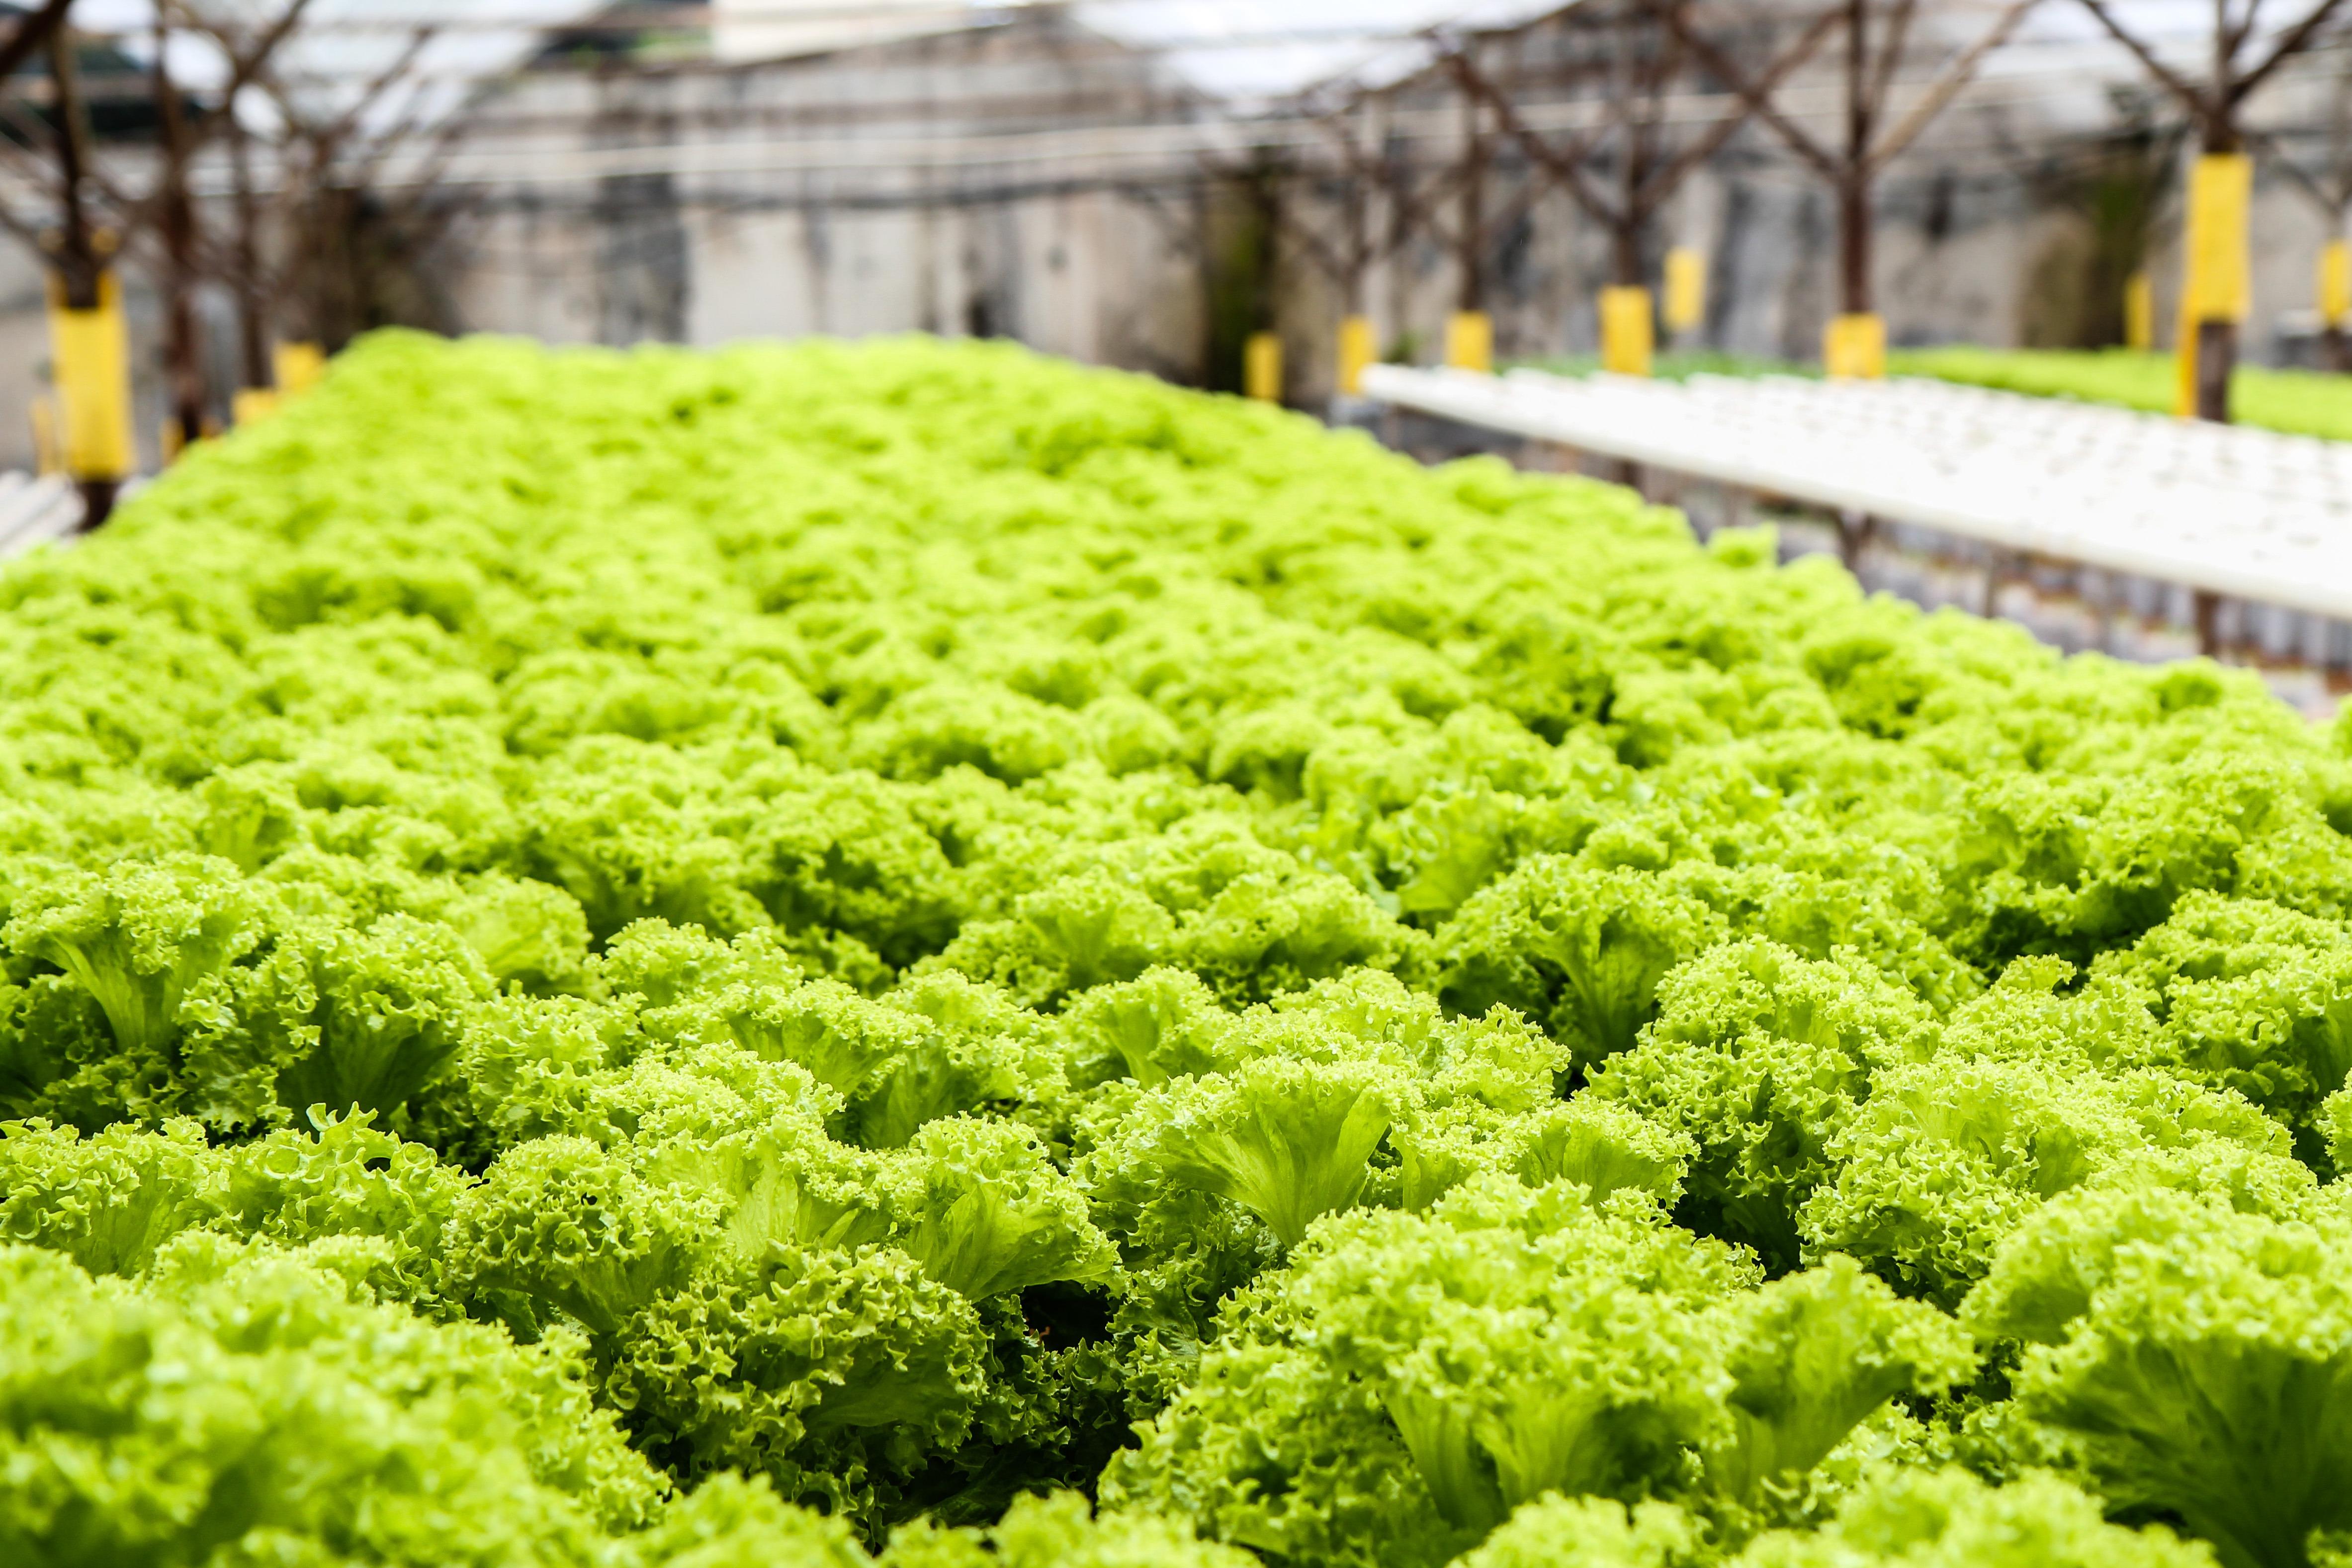 Free Images : field, farm, food, salad, green, farming ...